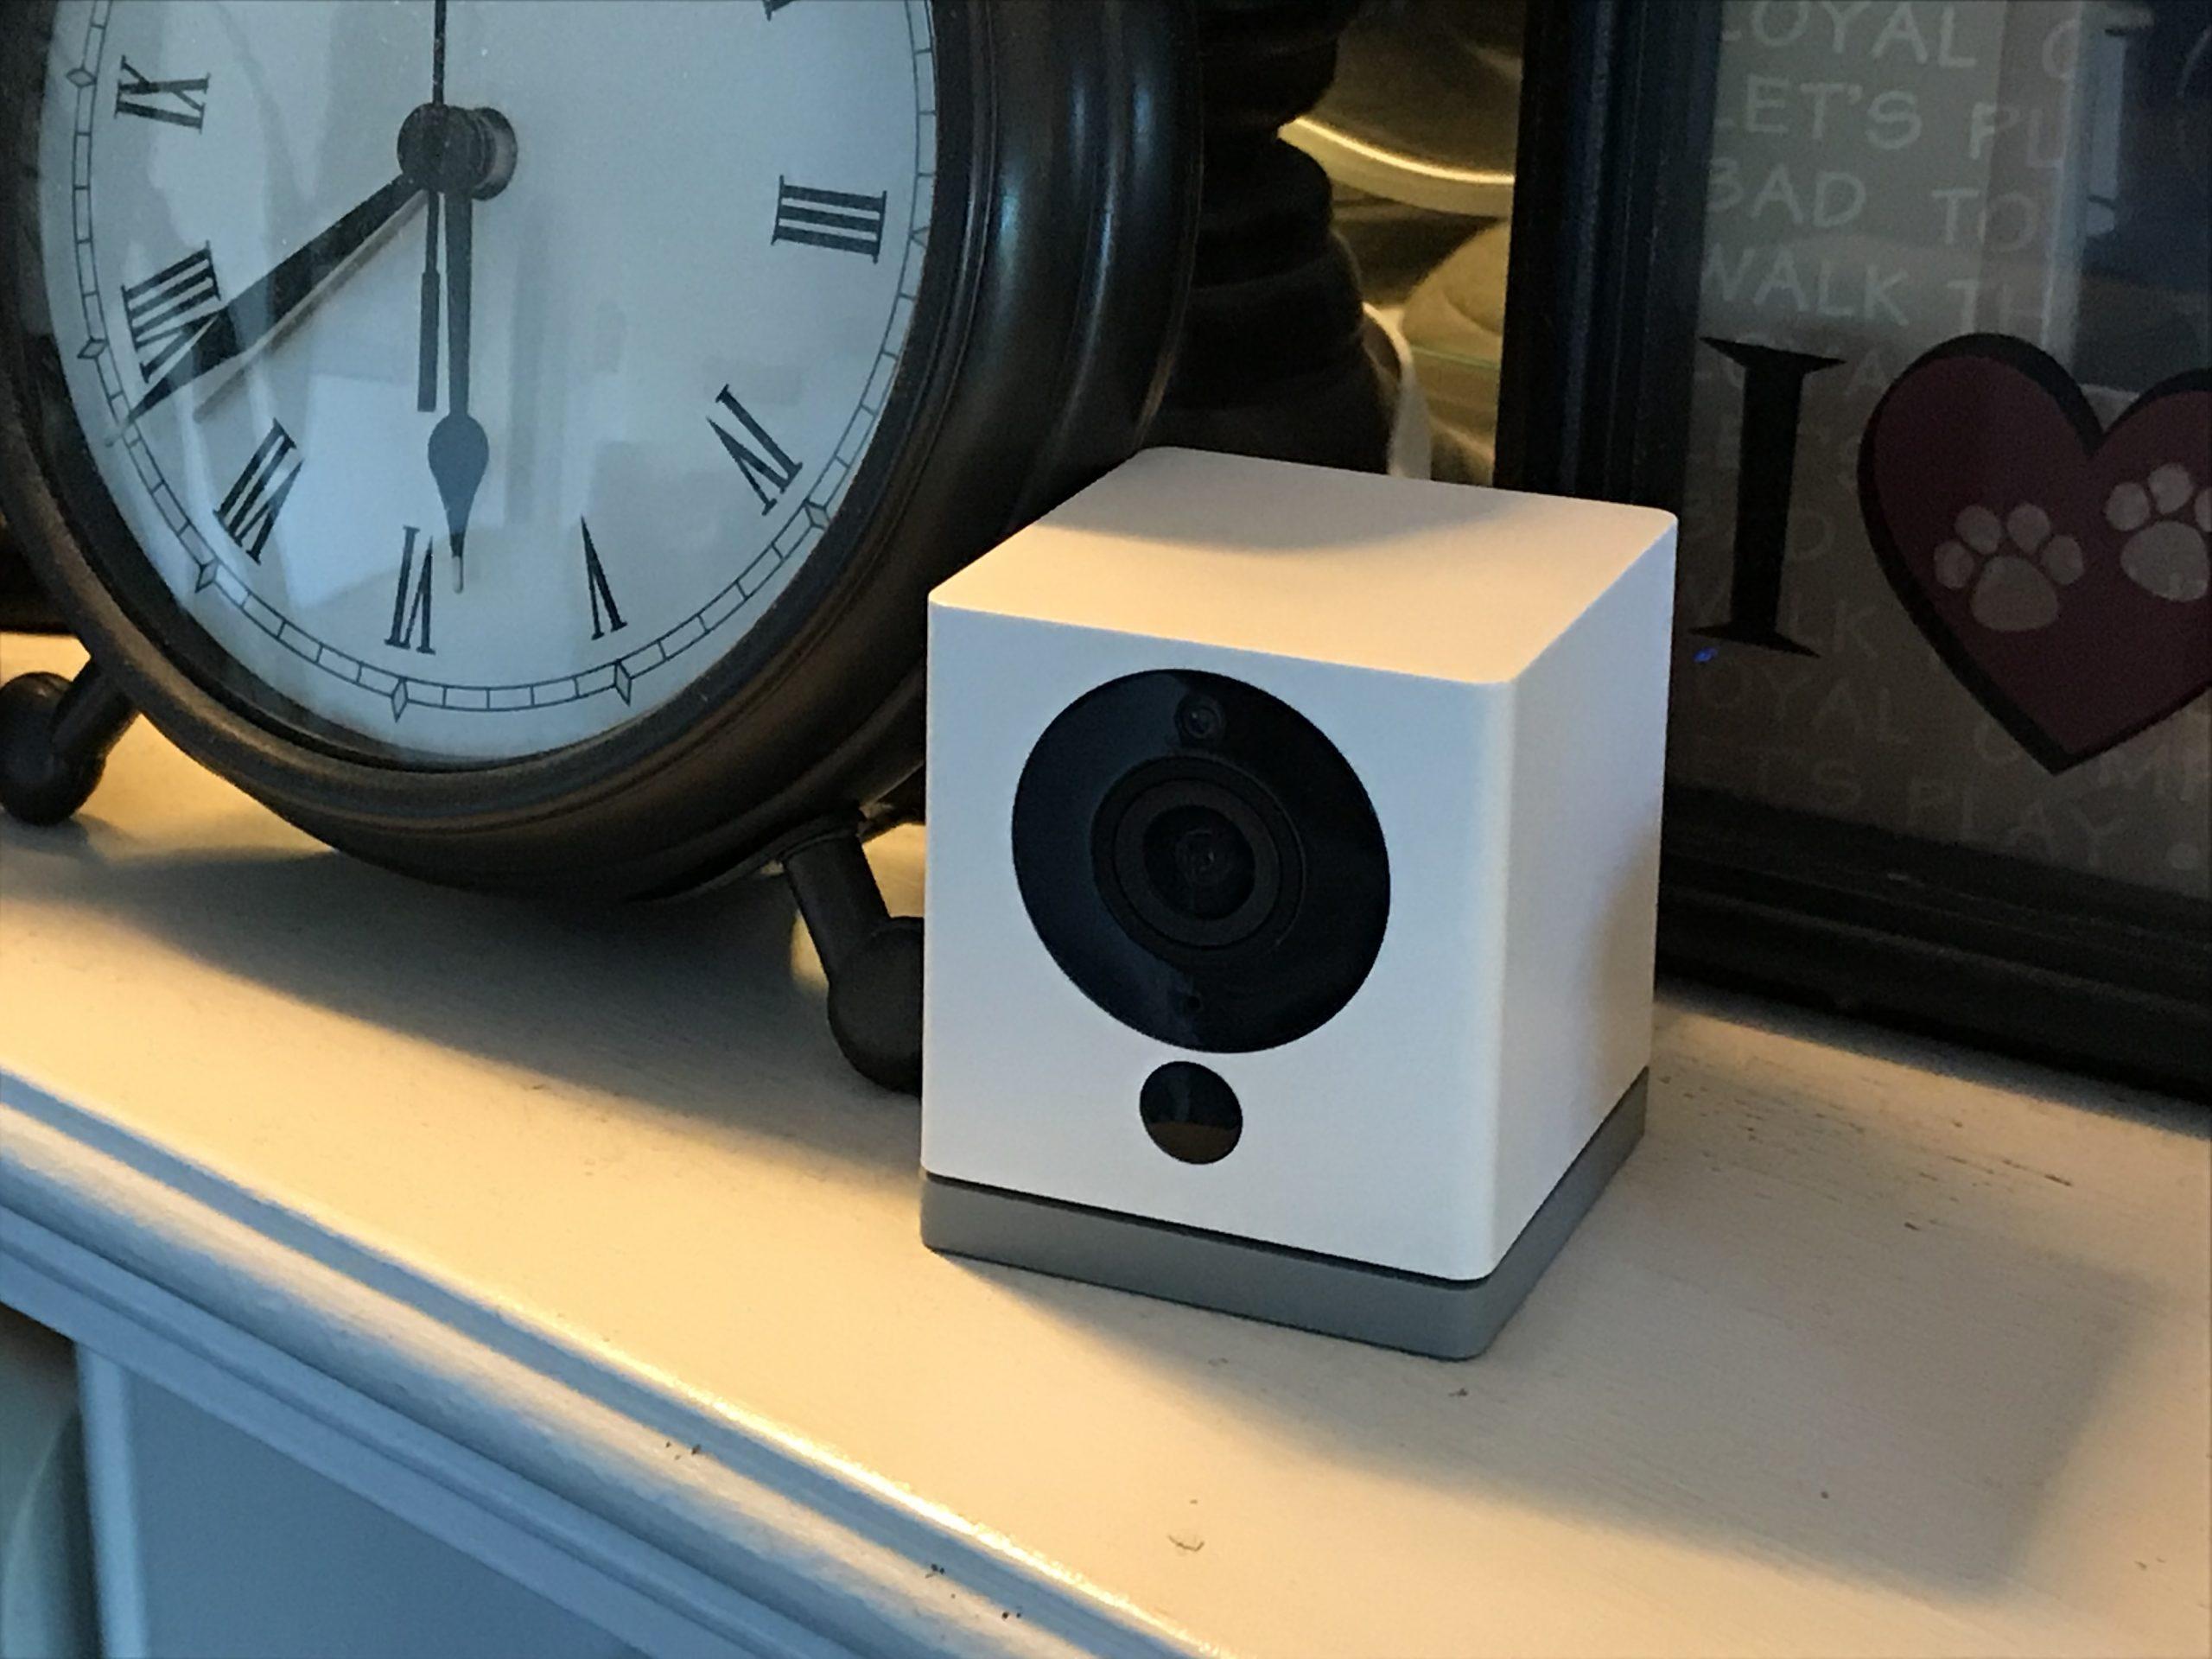 Wyze Fireplace Camera